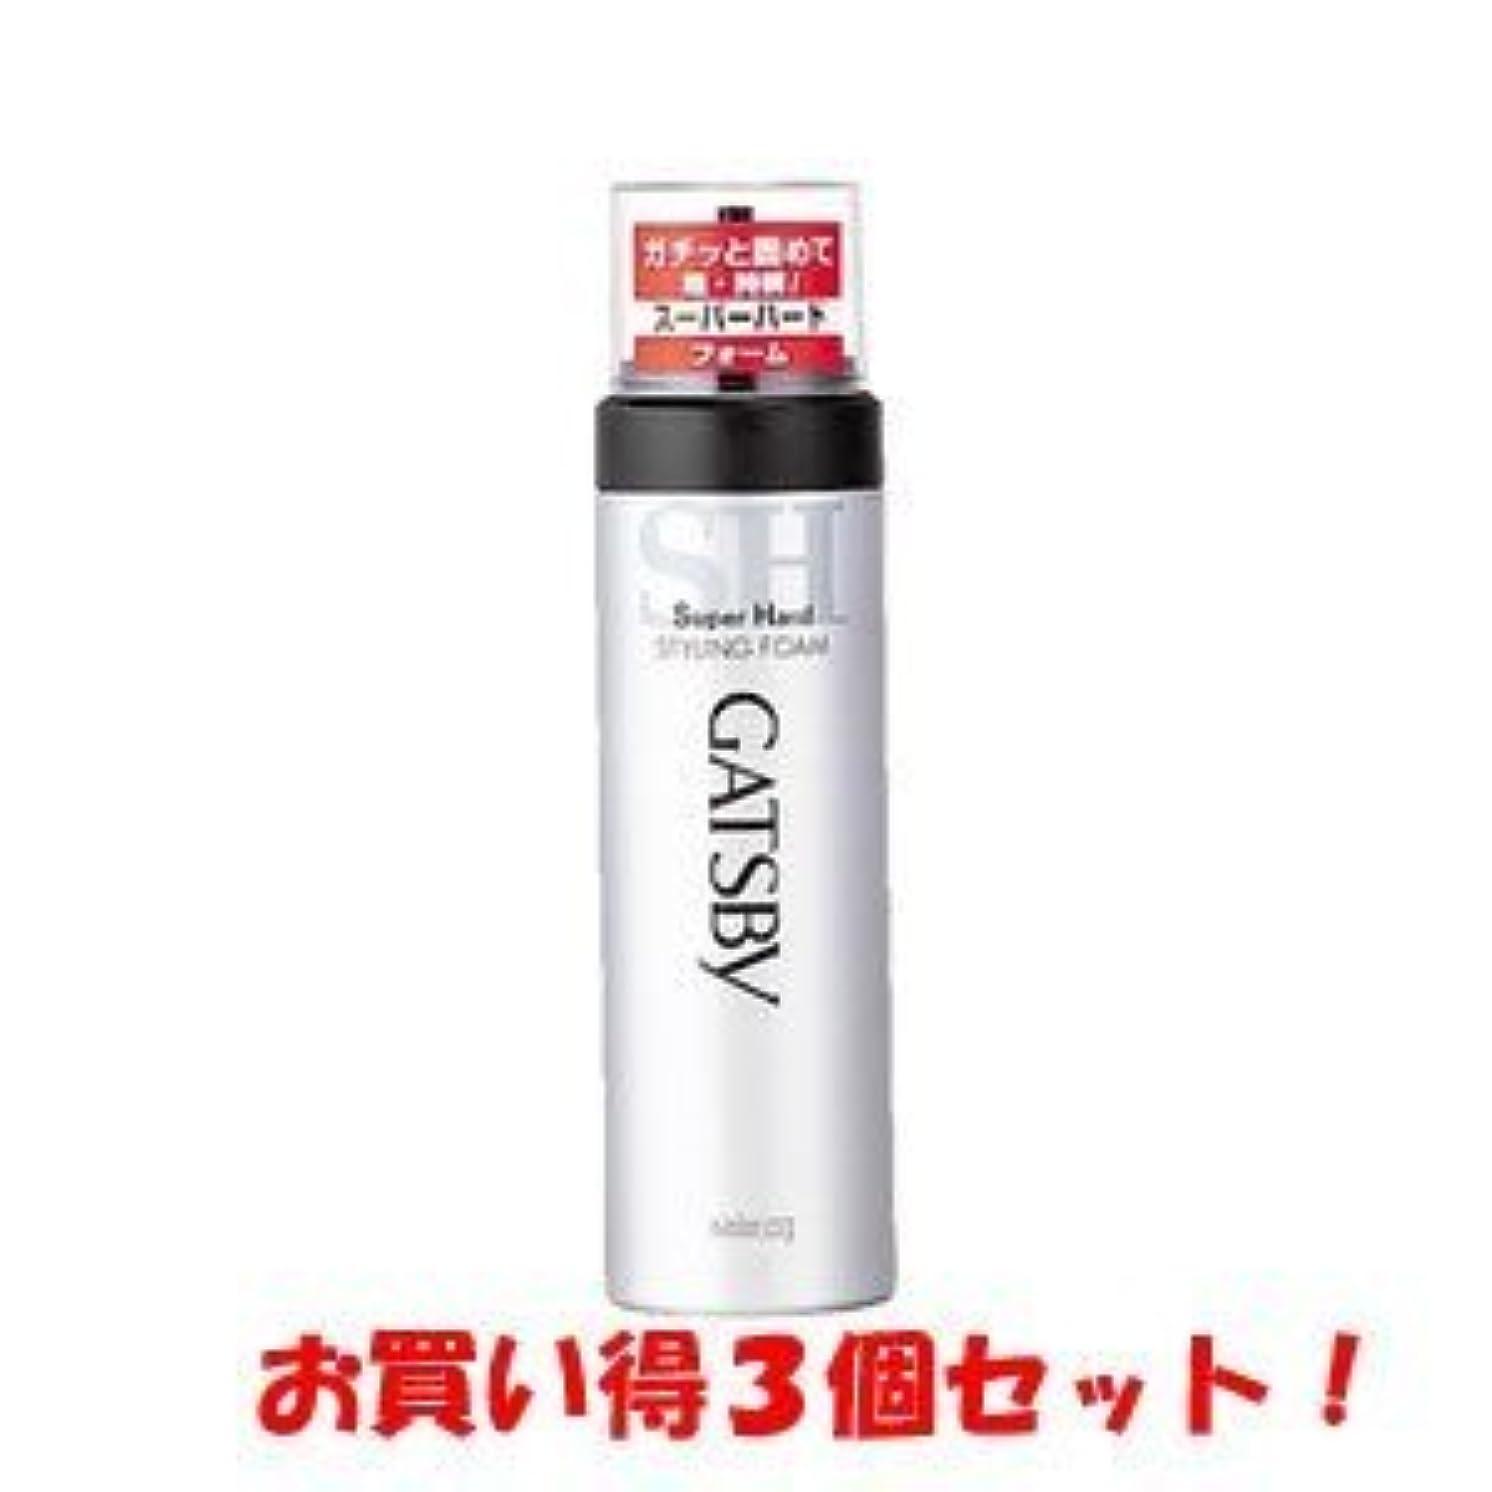 へこみ未来鉱石ギャツビー【GATSBY】スタイリングフォーム スーパーハード 185g(お買い得3個セット)